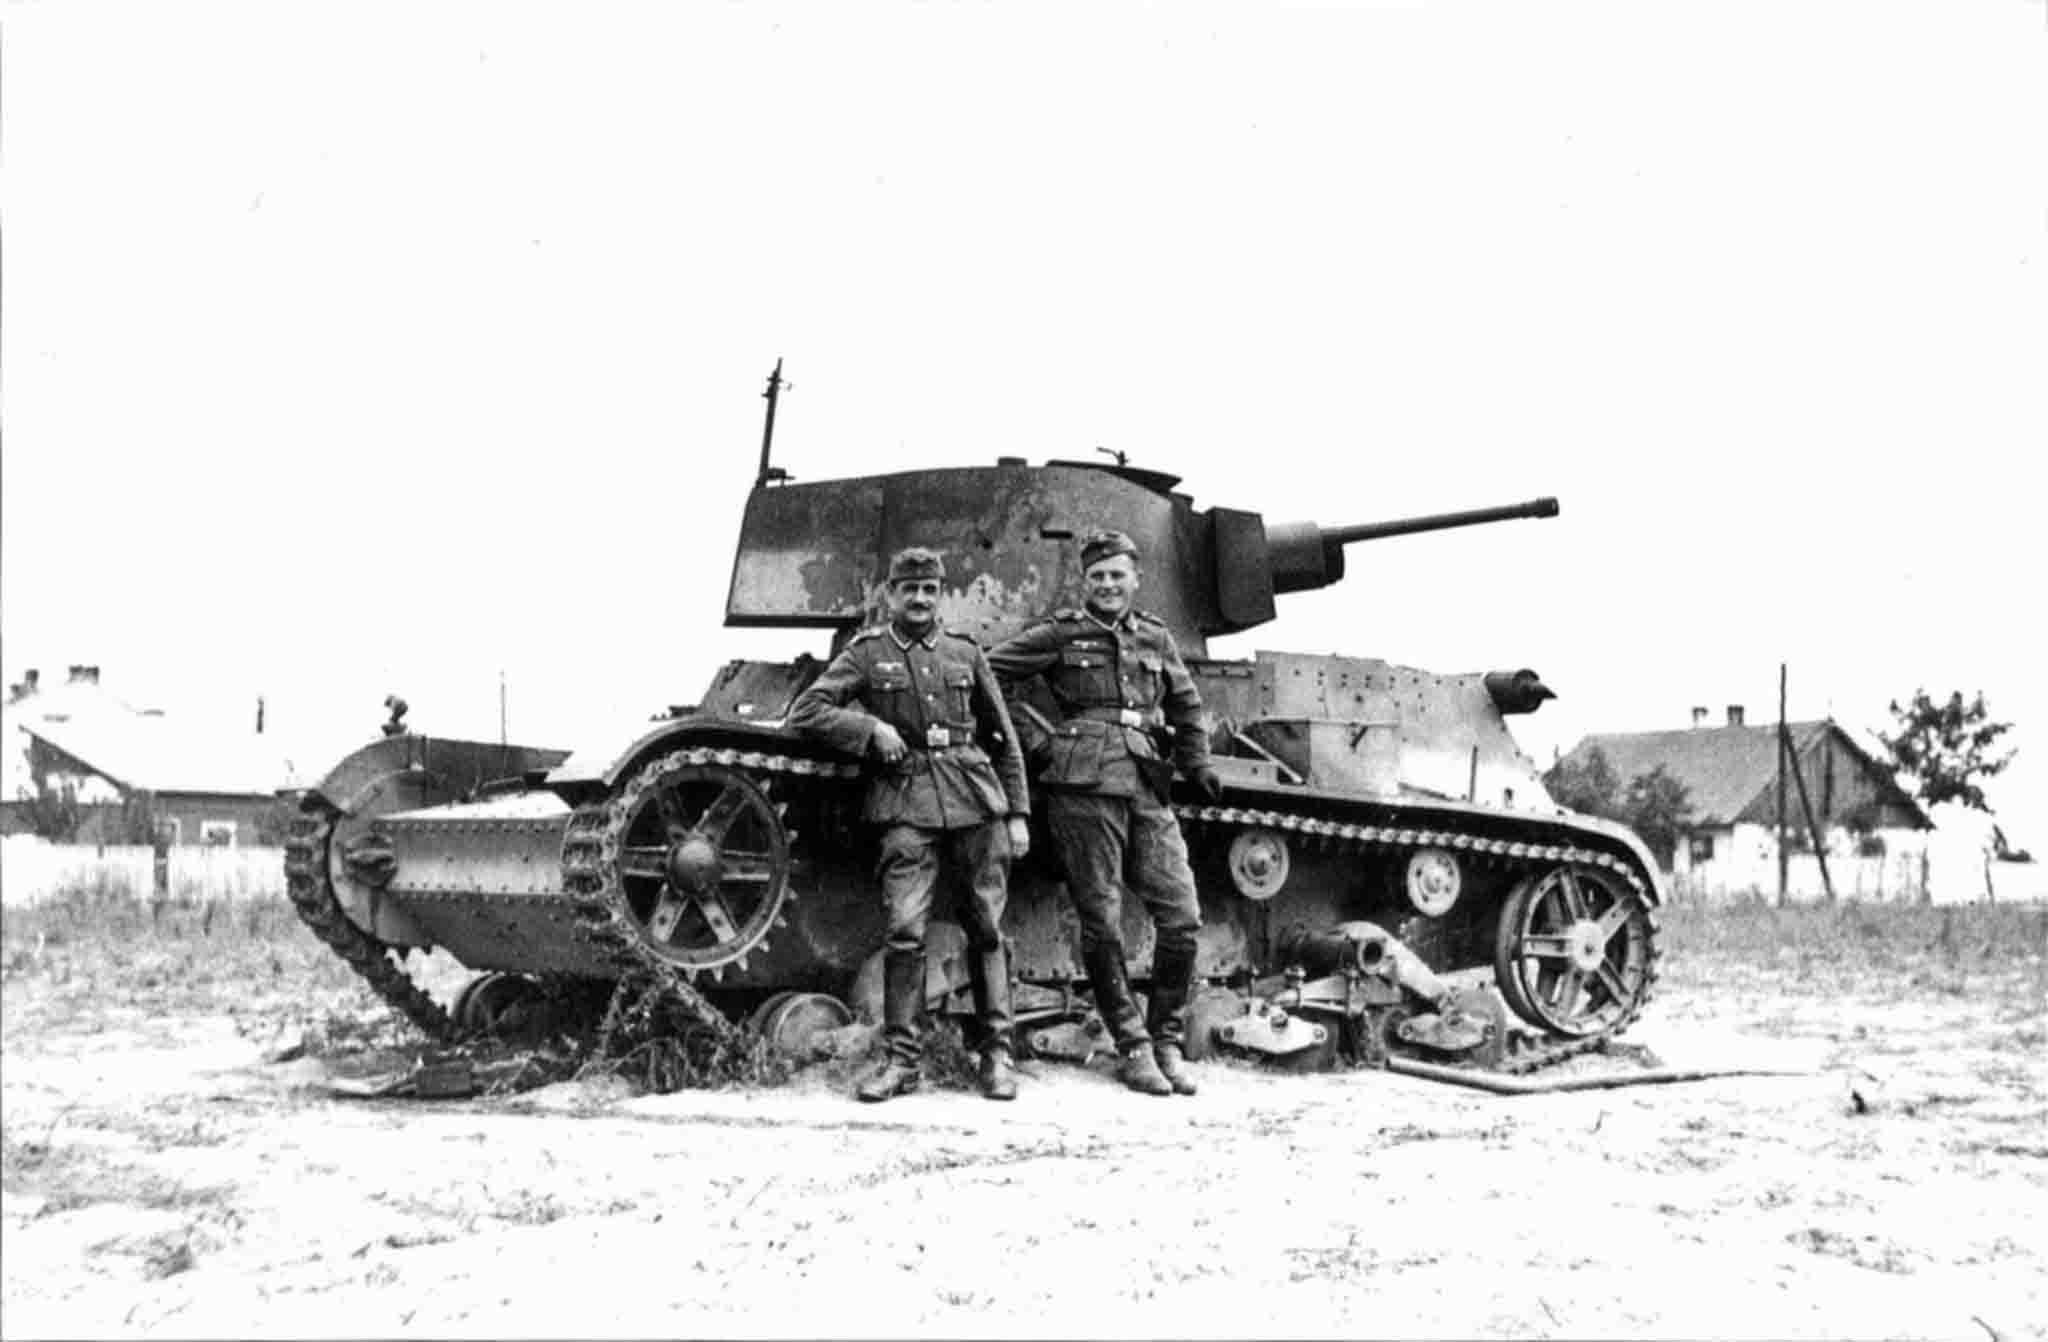 World War 2 - 7TP